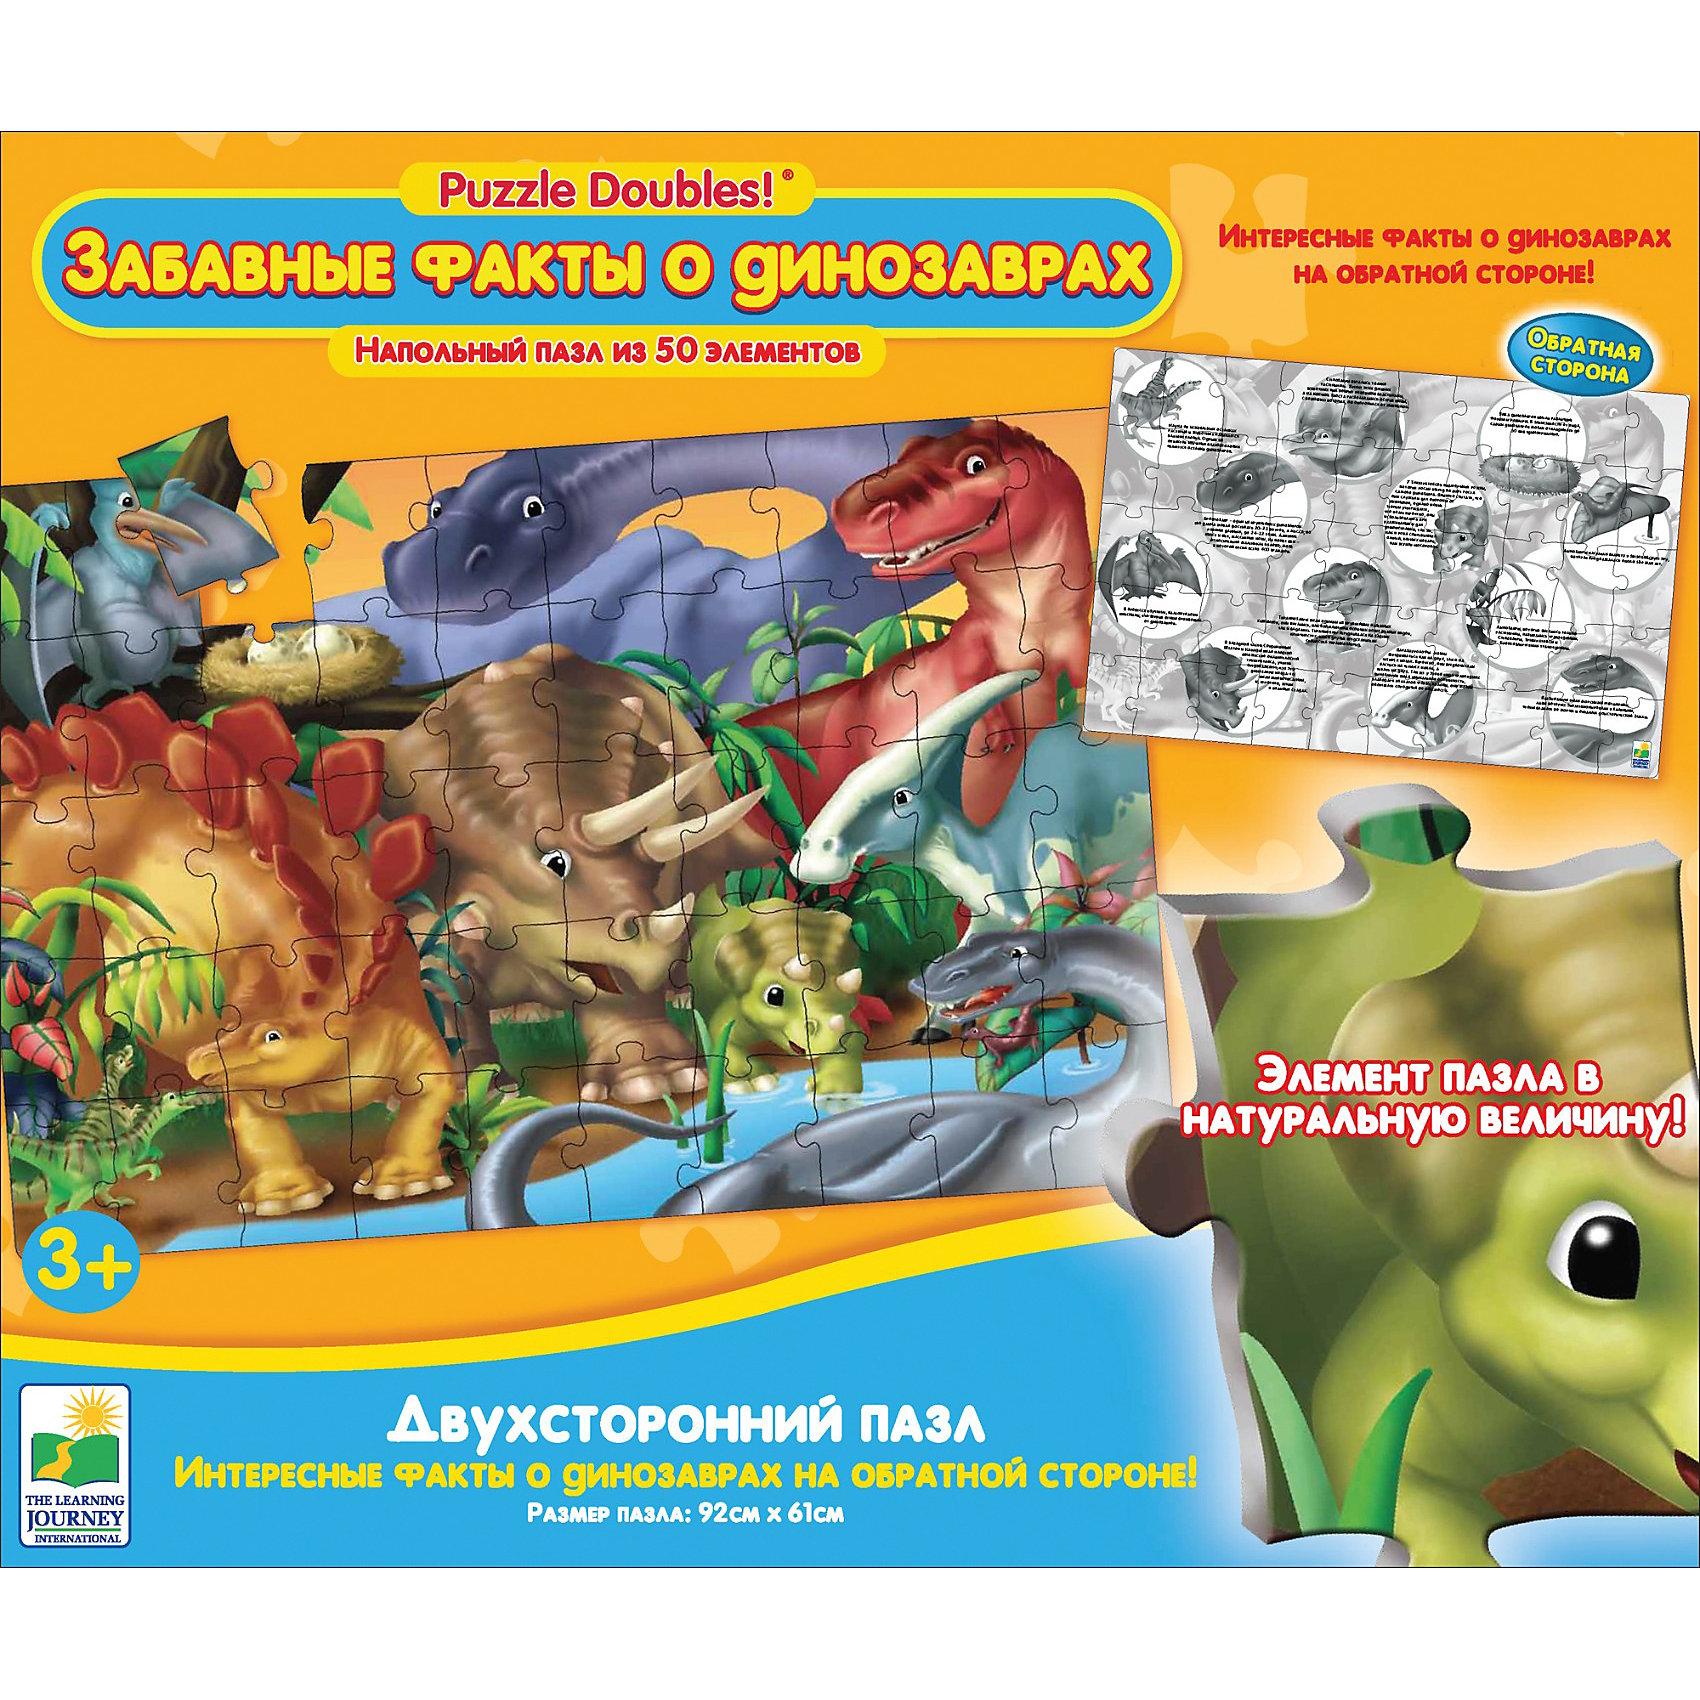 Настольная игра Забавные факты о Динозаврах, Пазл 50 деталей, двухсторонний